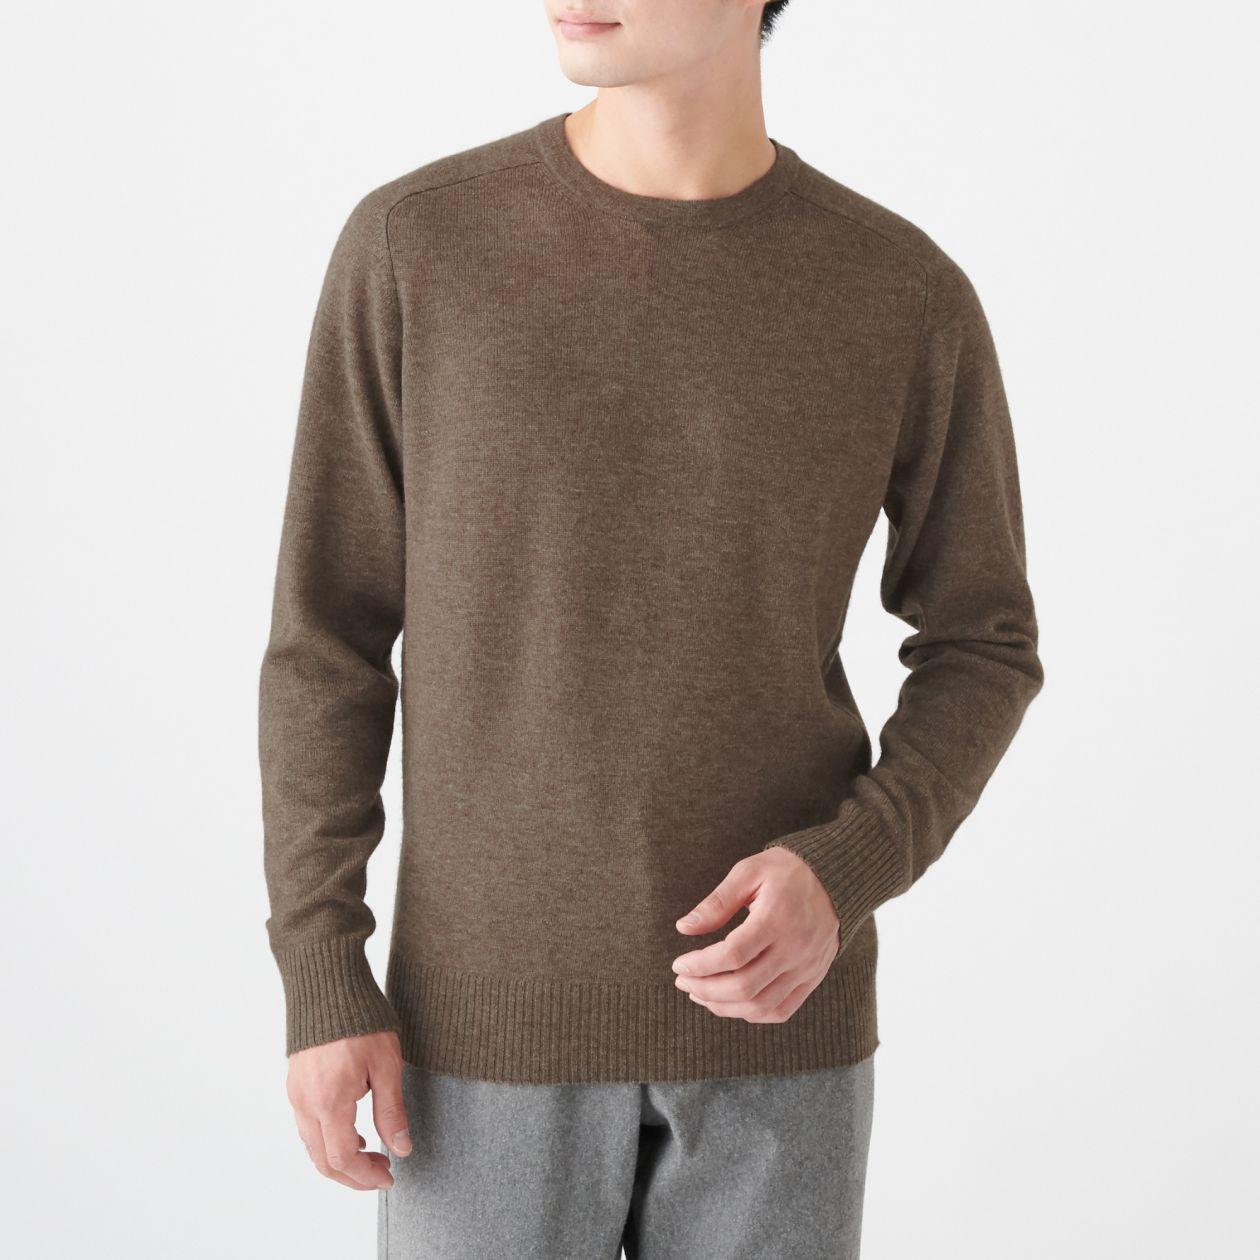 男氂牛毛混羊毛圓領針織衫 深摩卡棕L | 無印良品